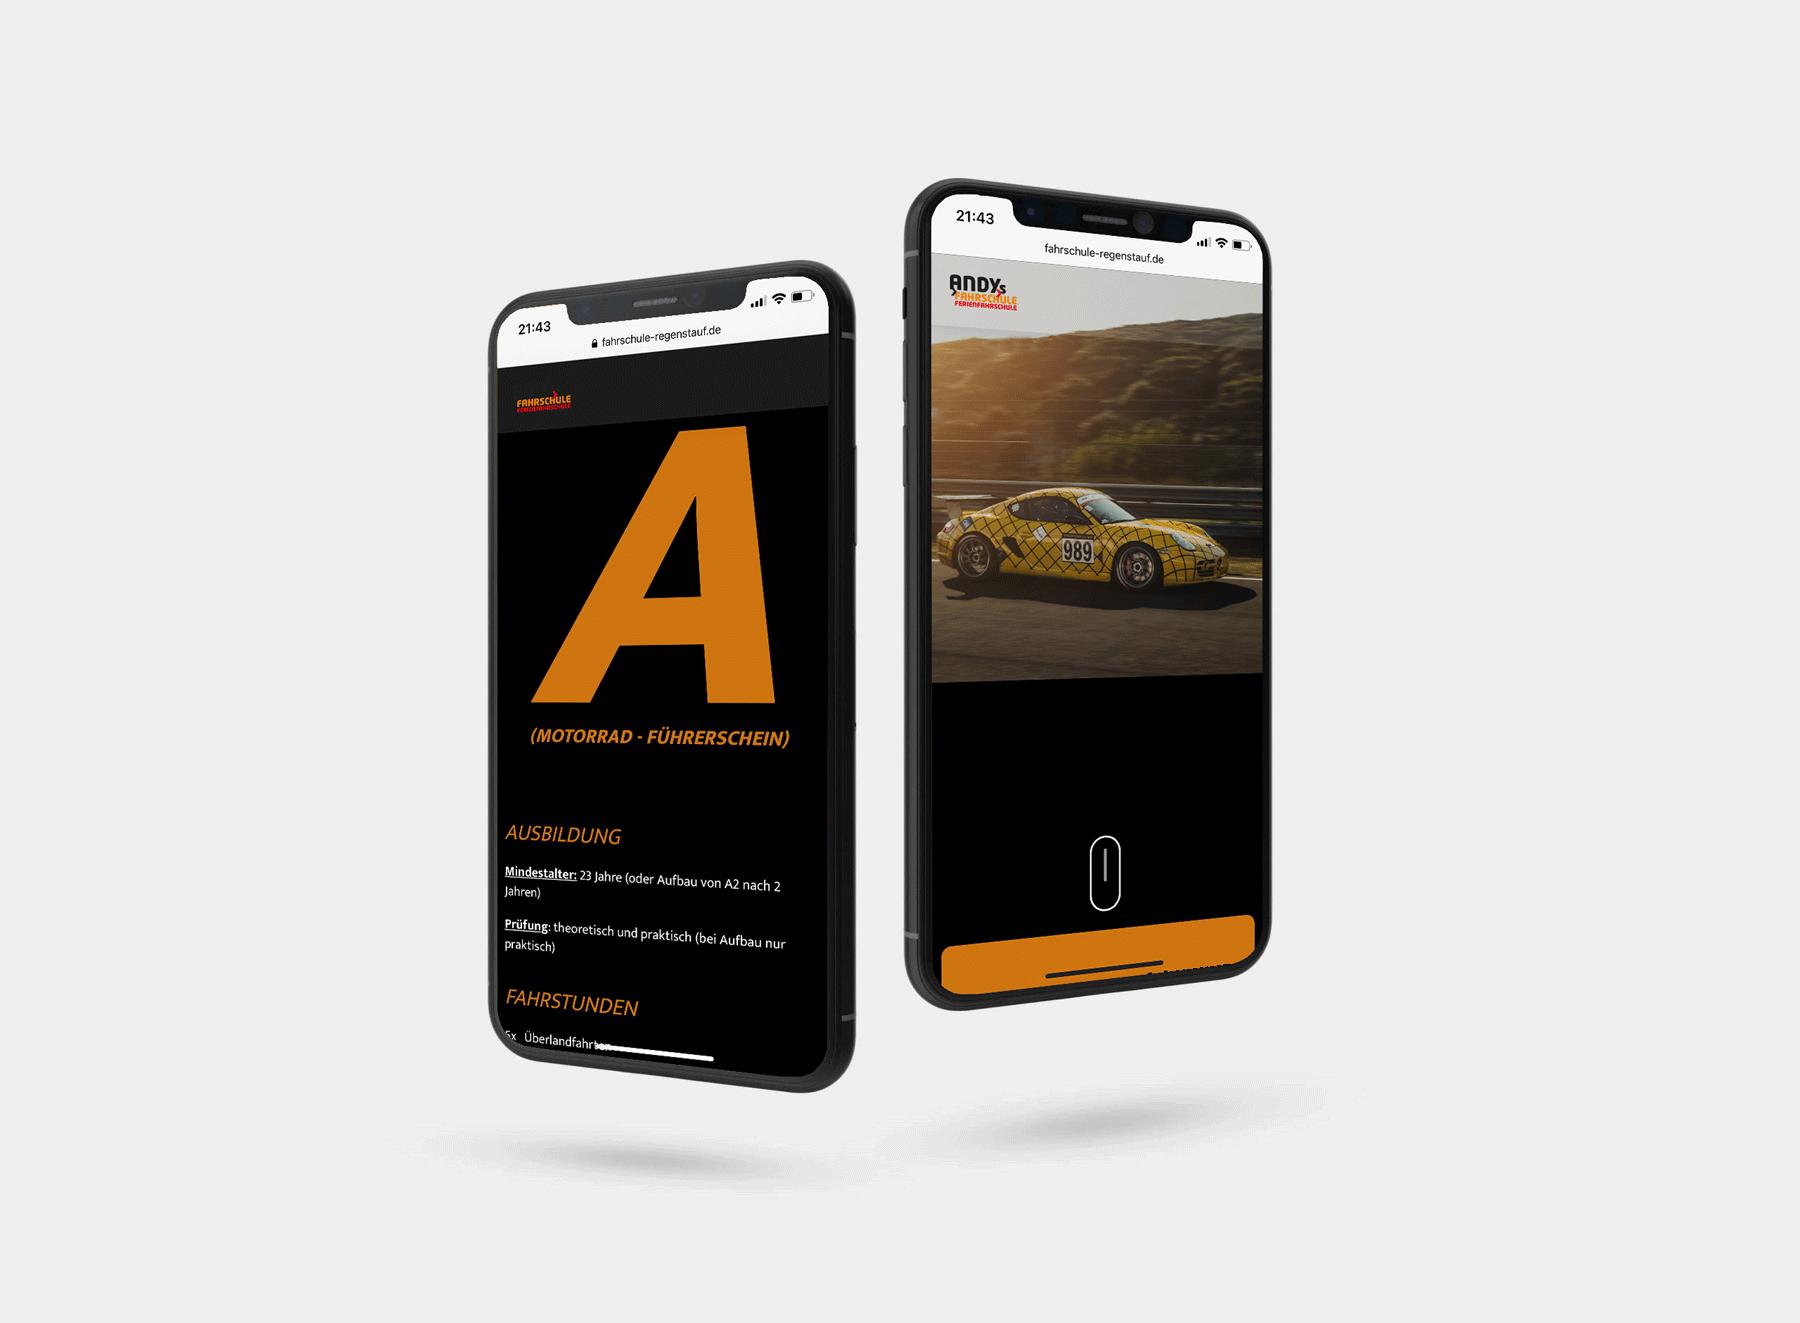 Webdesign Andys Fahrschule Regenstauf - iphone